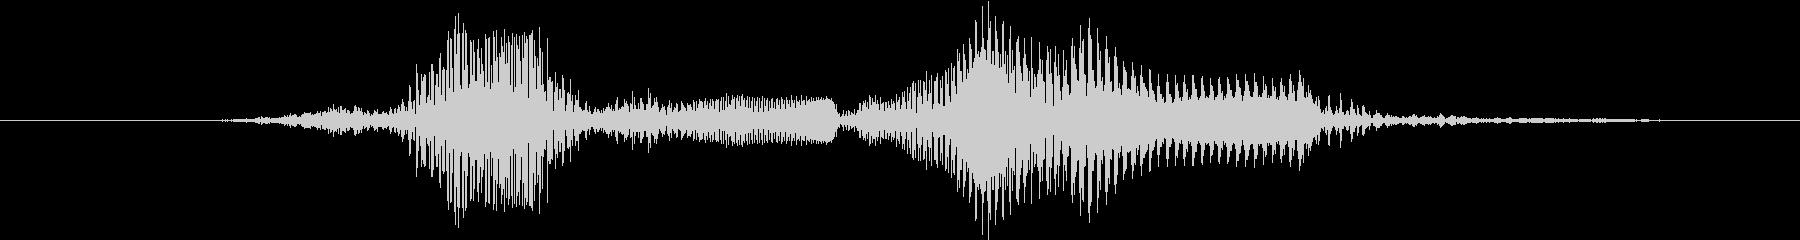 ハズレ〜の未再生の波形